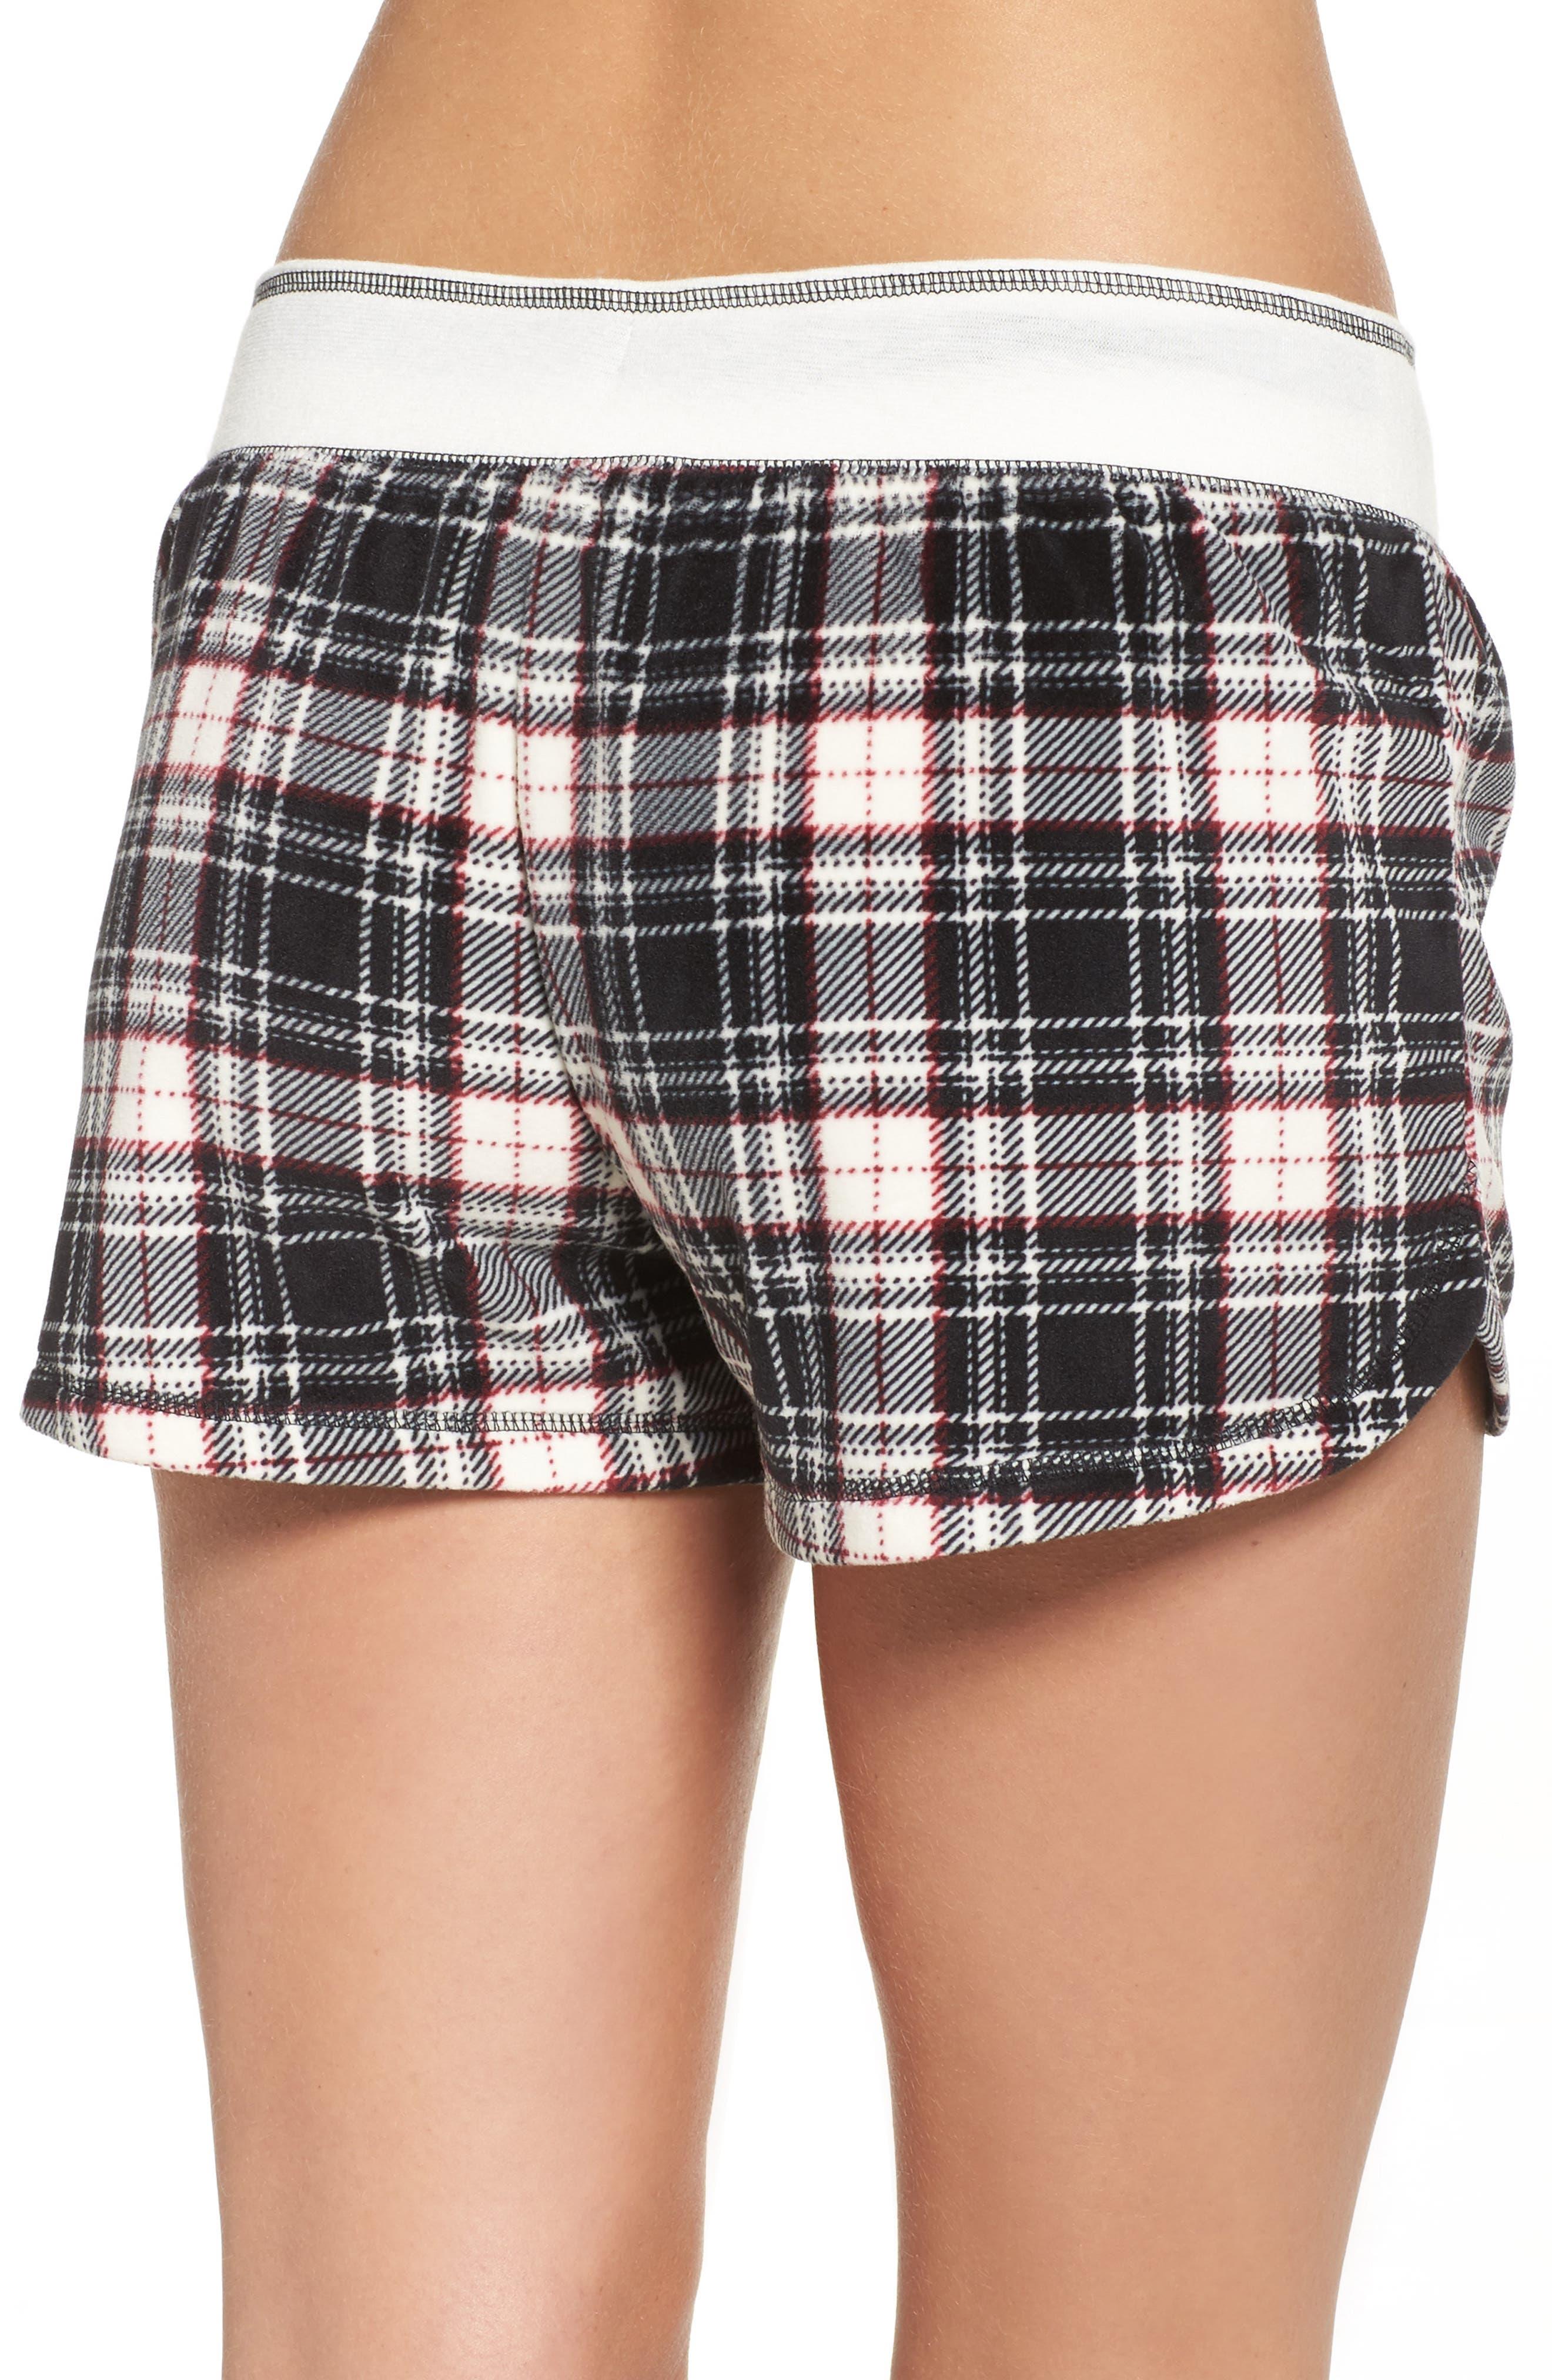 Velour Shorts,                             Alternate thumbnail 2, color,                             Black